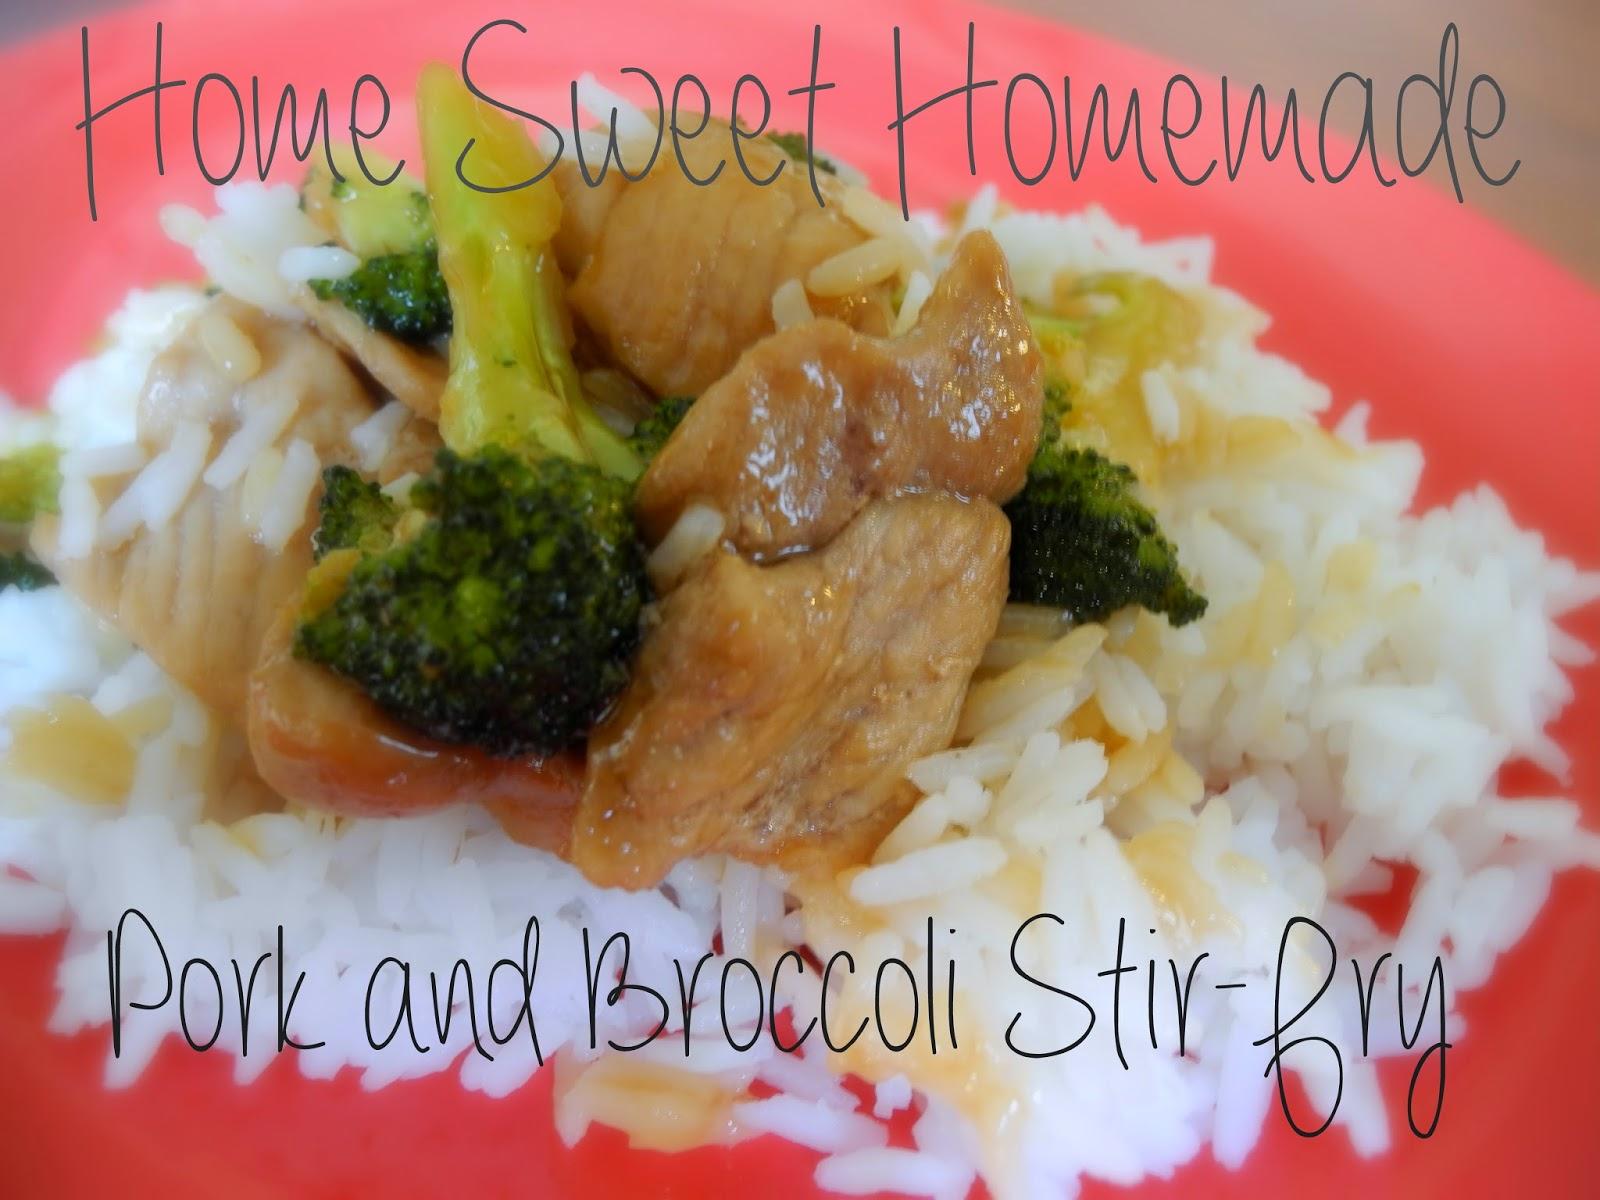 Pork with Broccoli Stir-Fry